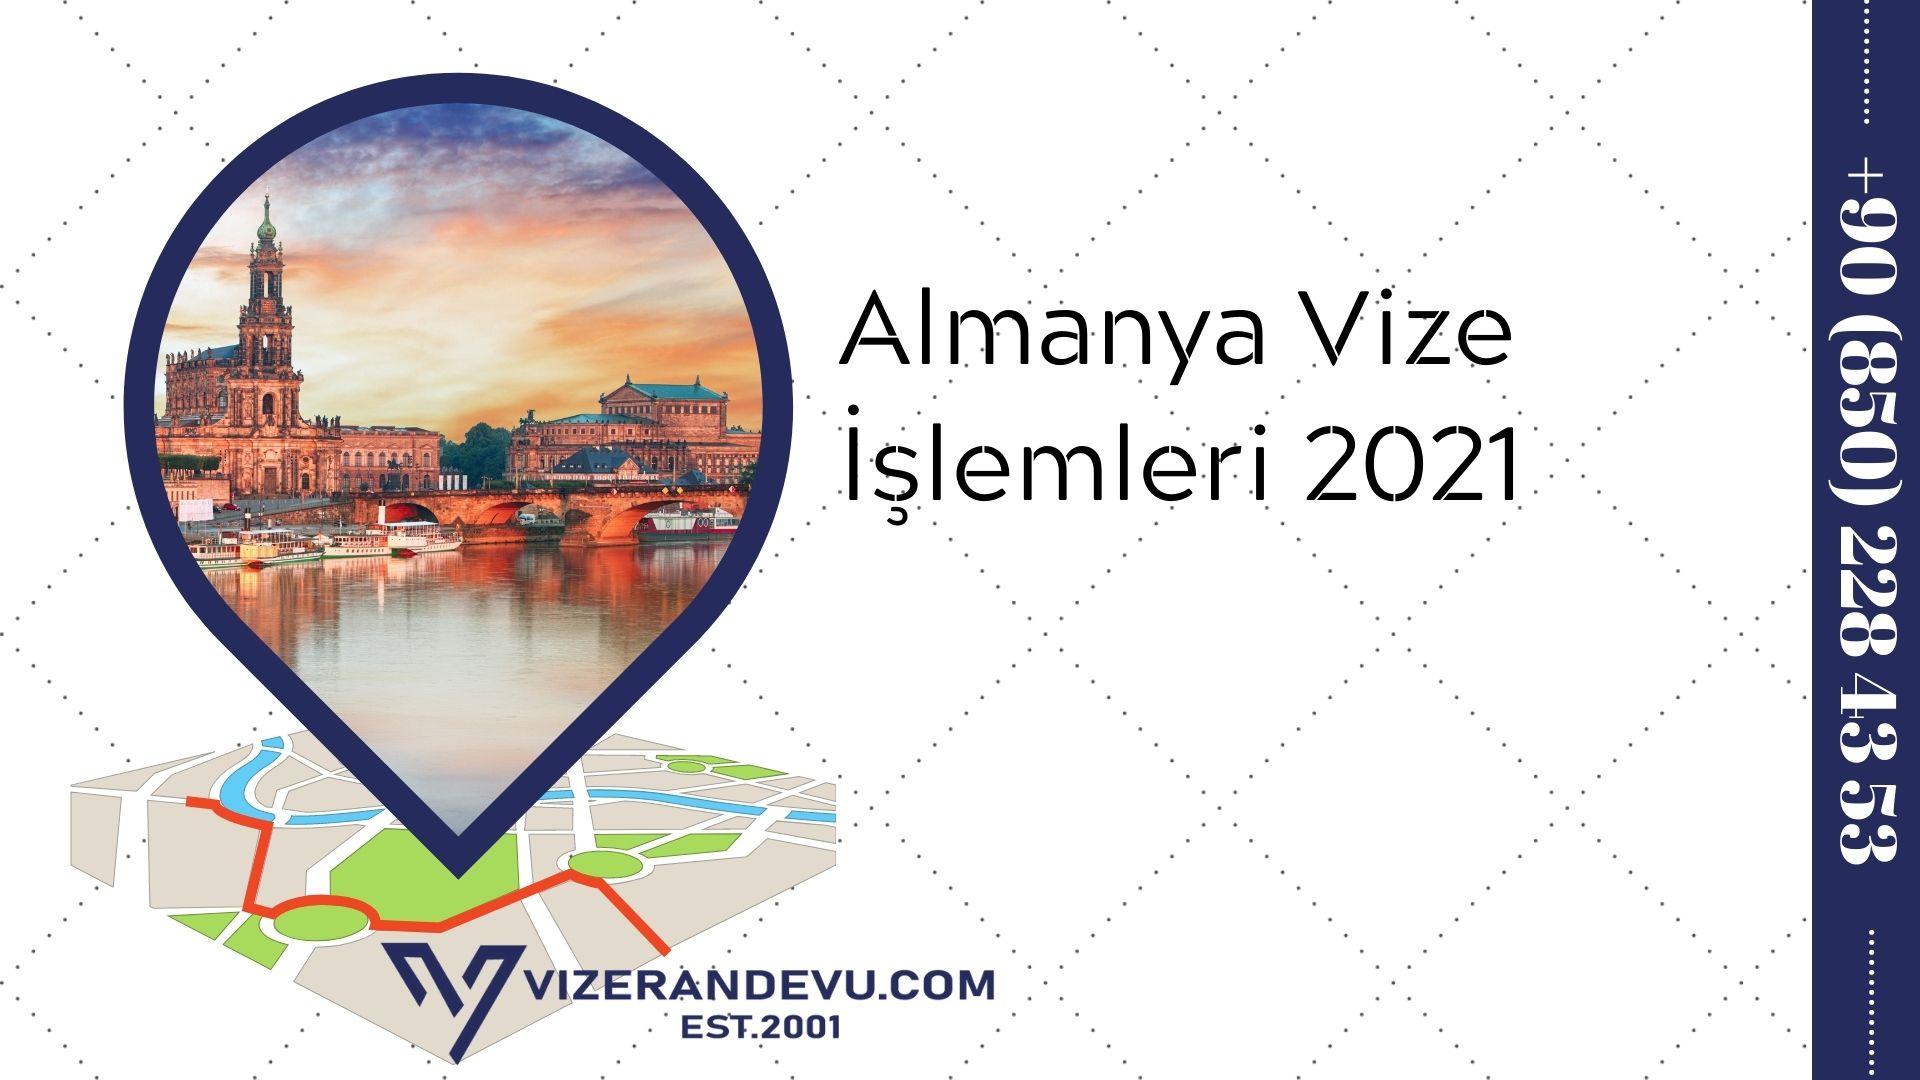 Almanya Vize İşlemleri 2021